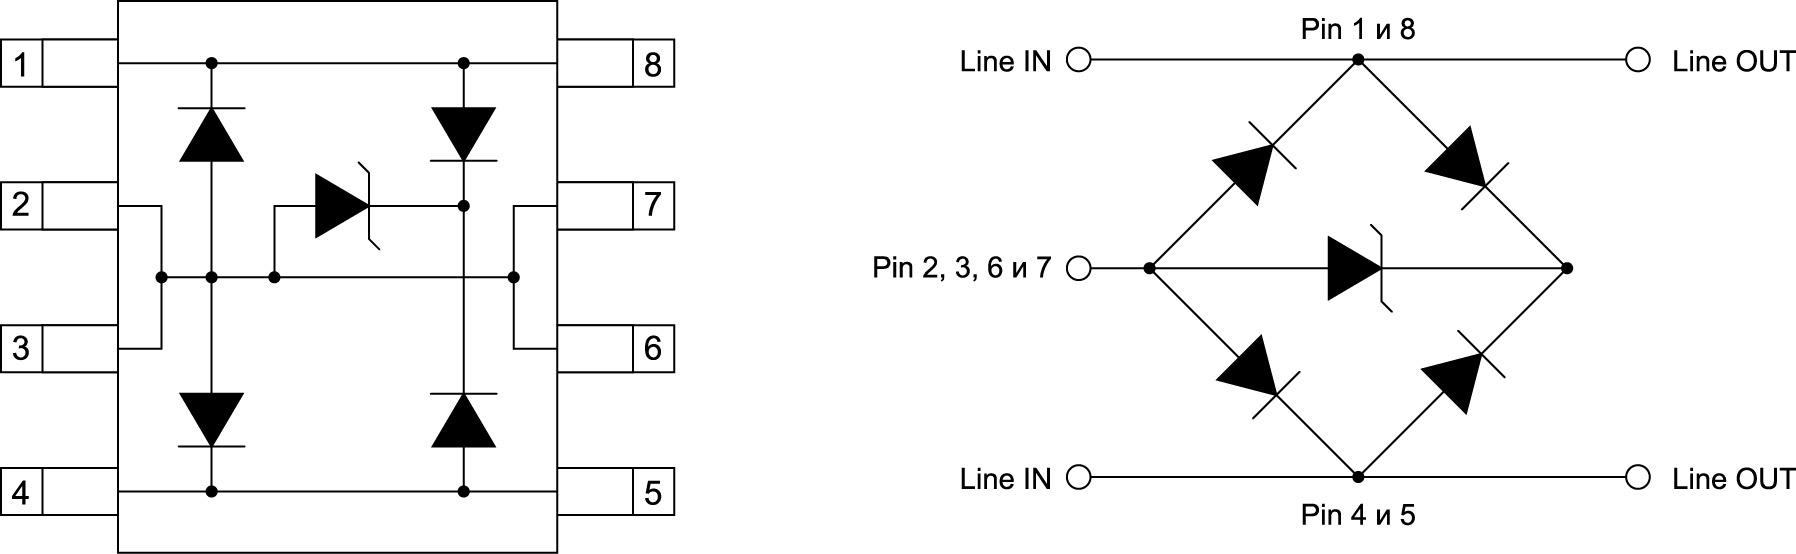 Схема корпуса и внутренняя конфигурация 2 канальной TVS диодной сборки повышенной мощности